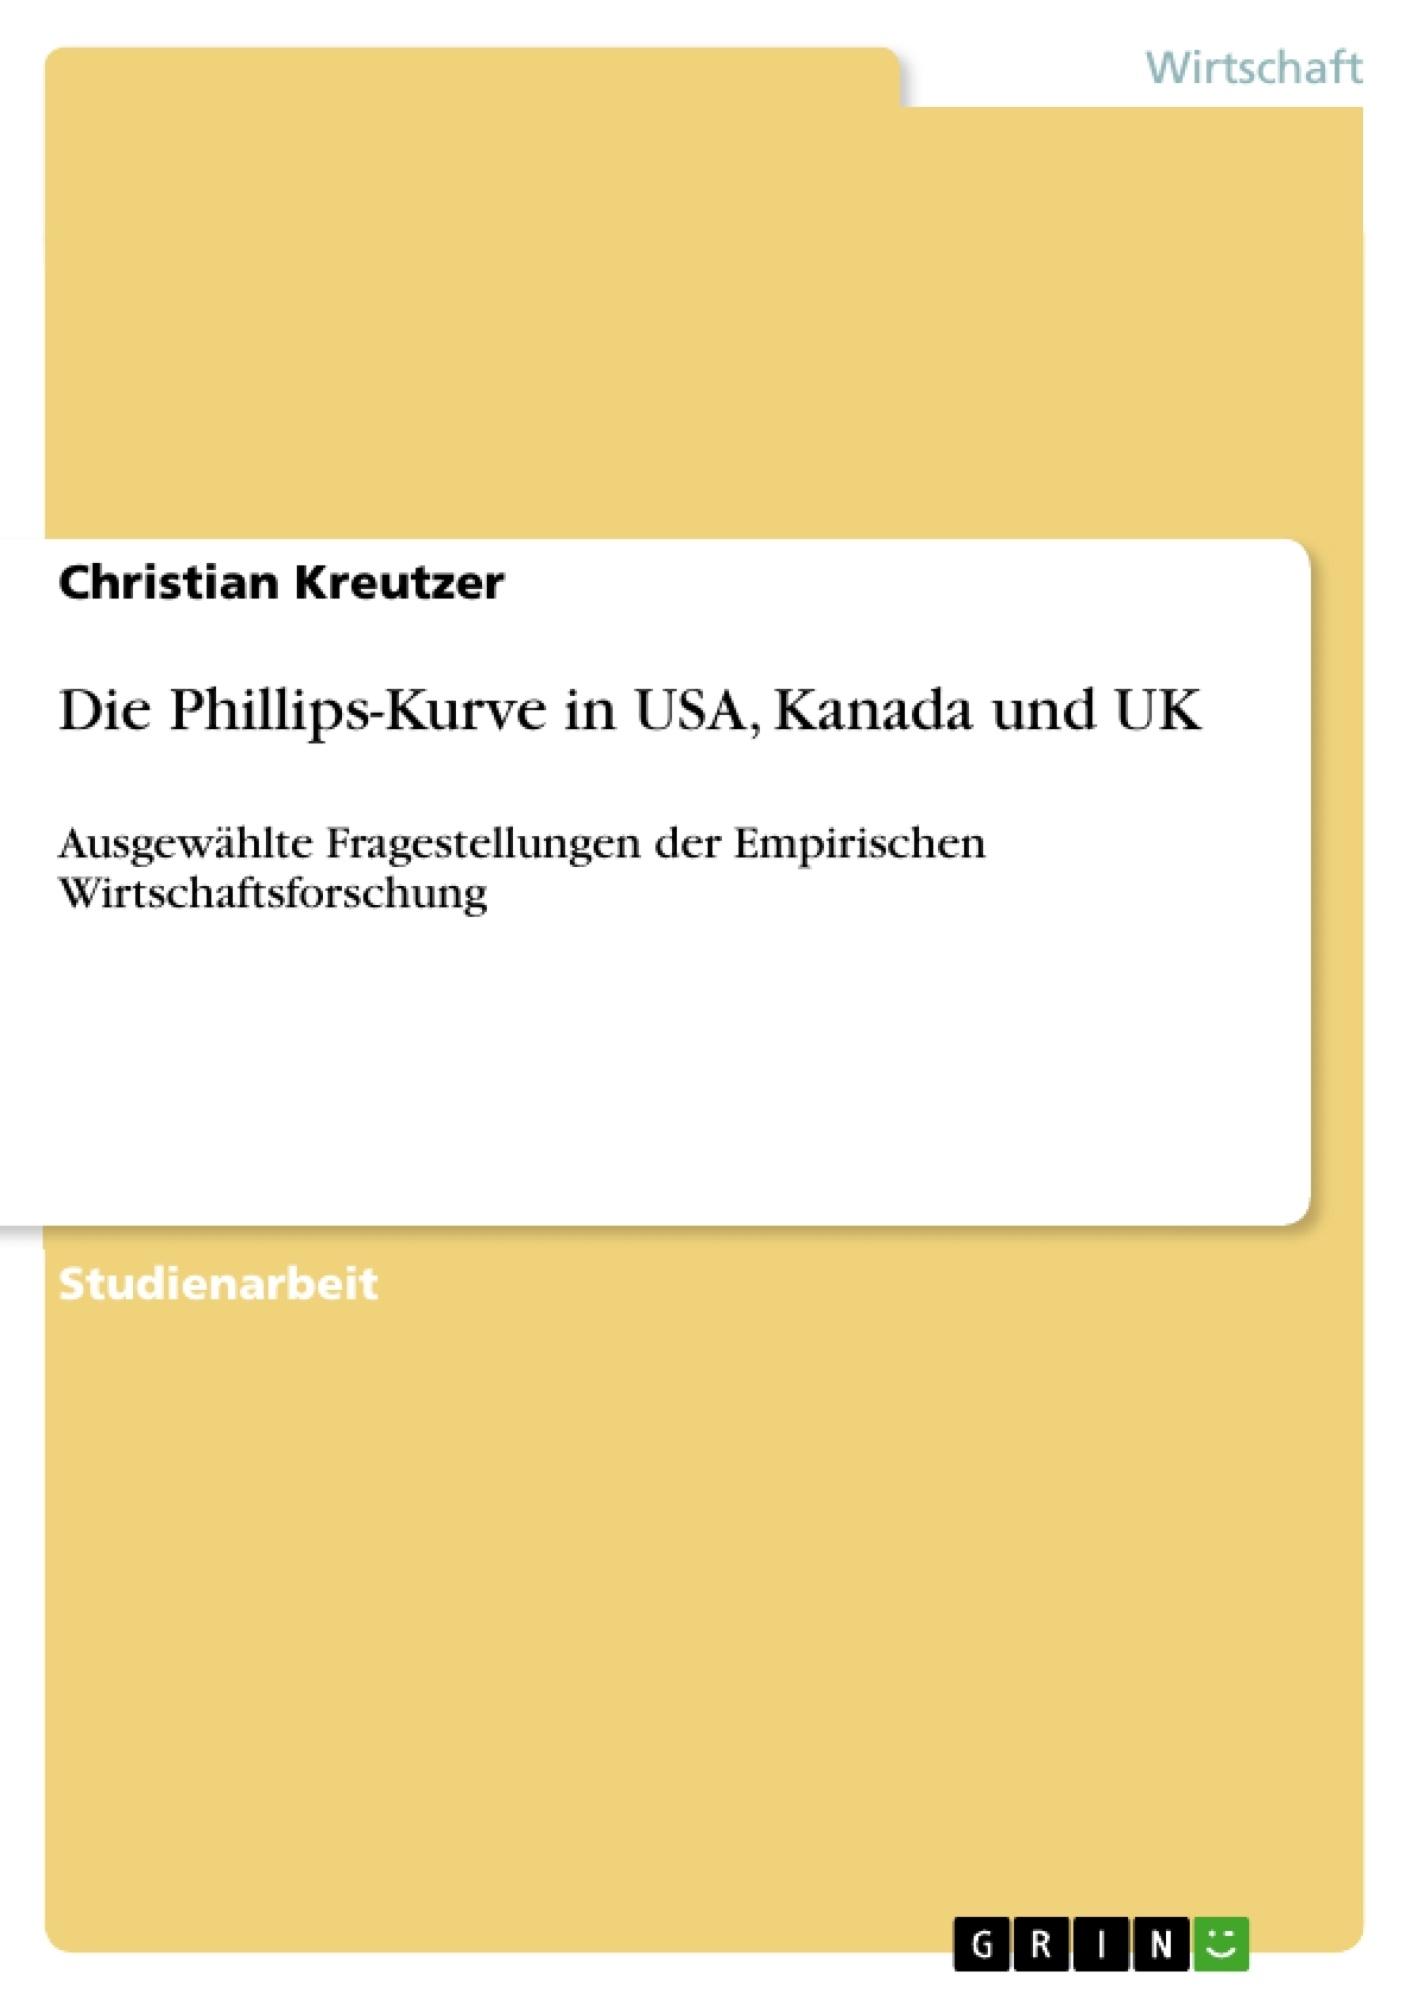 Titel: Die Phillips-Kurve in USA, Kanada und UK